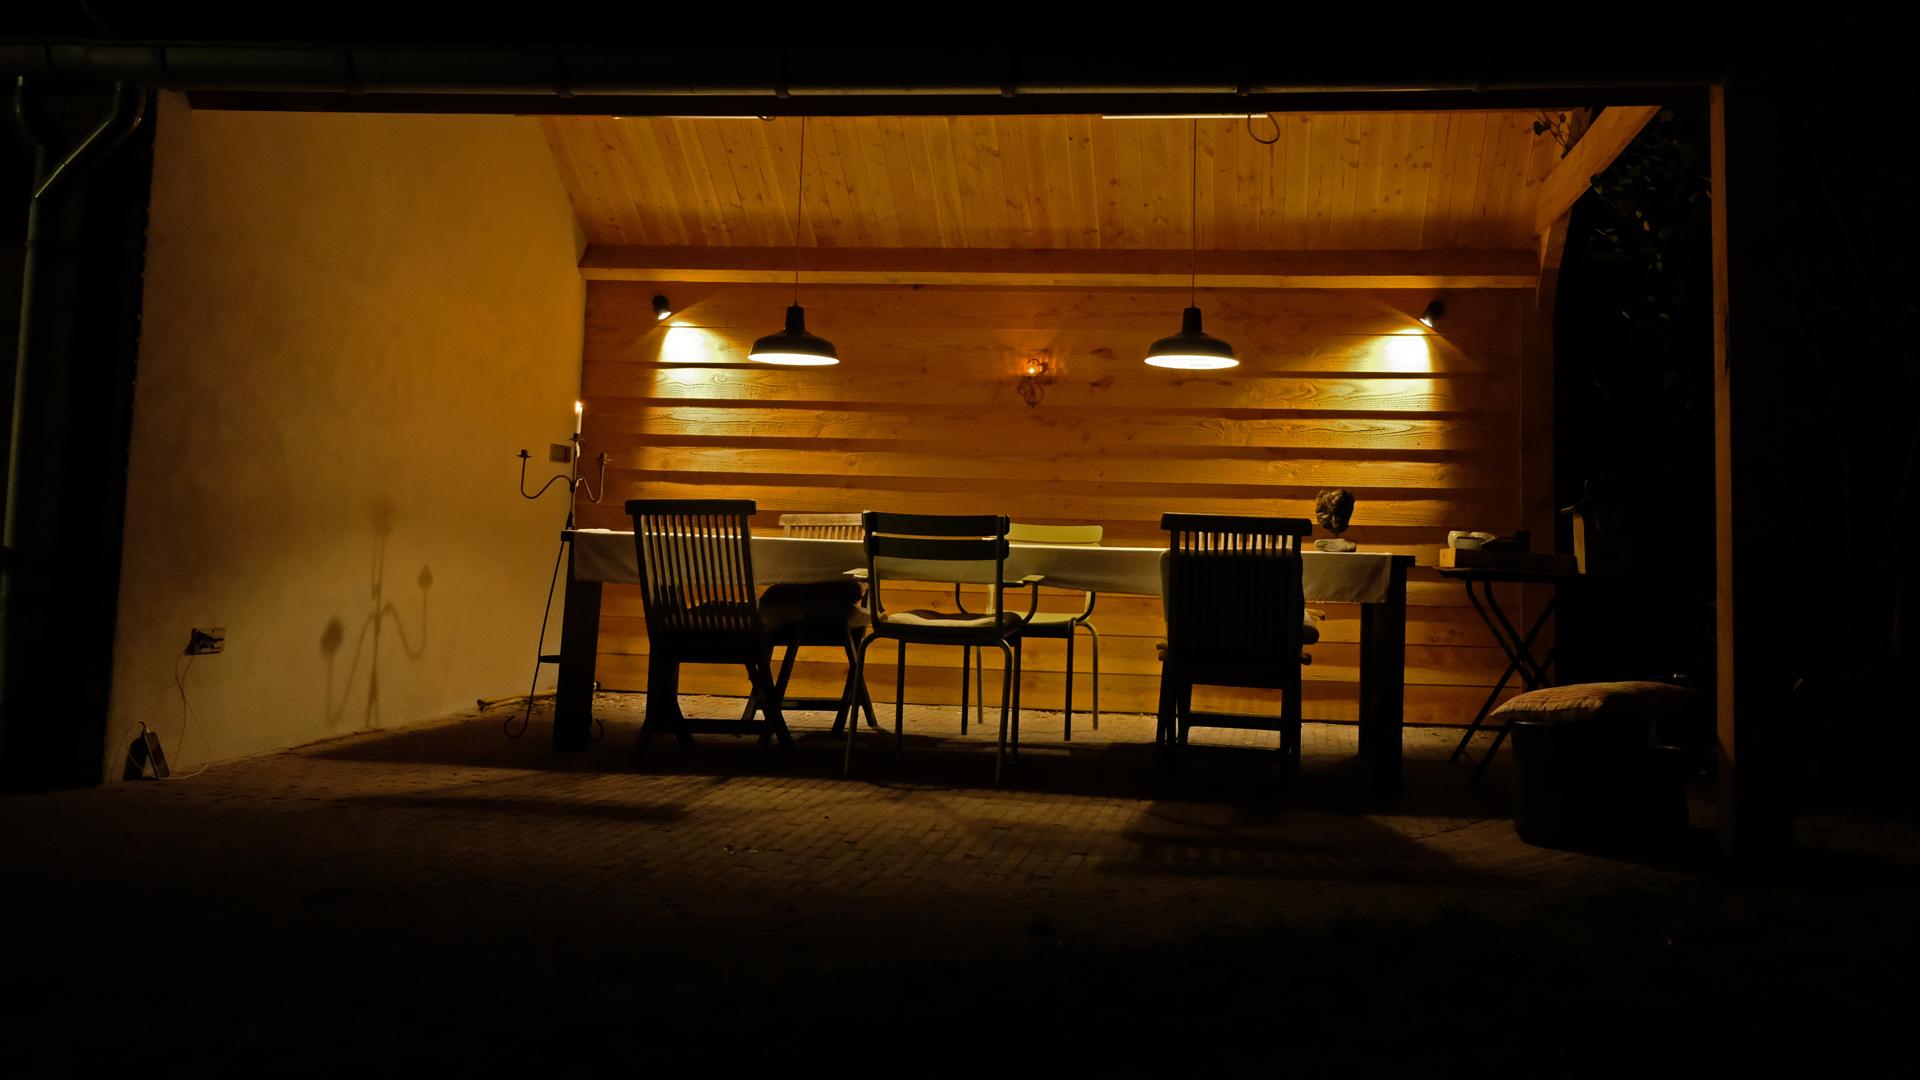 Lichtontwerp buitenruimte terras